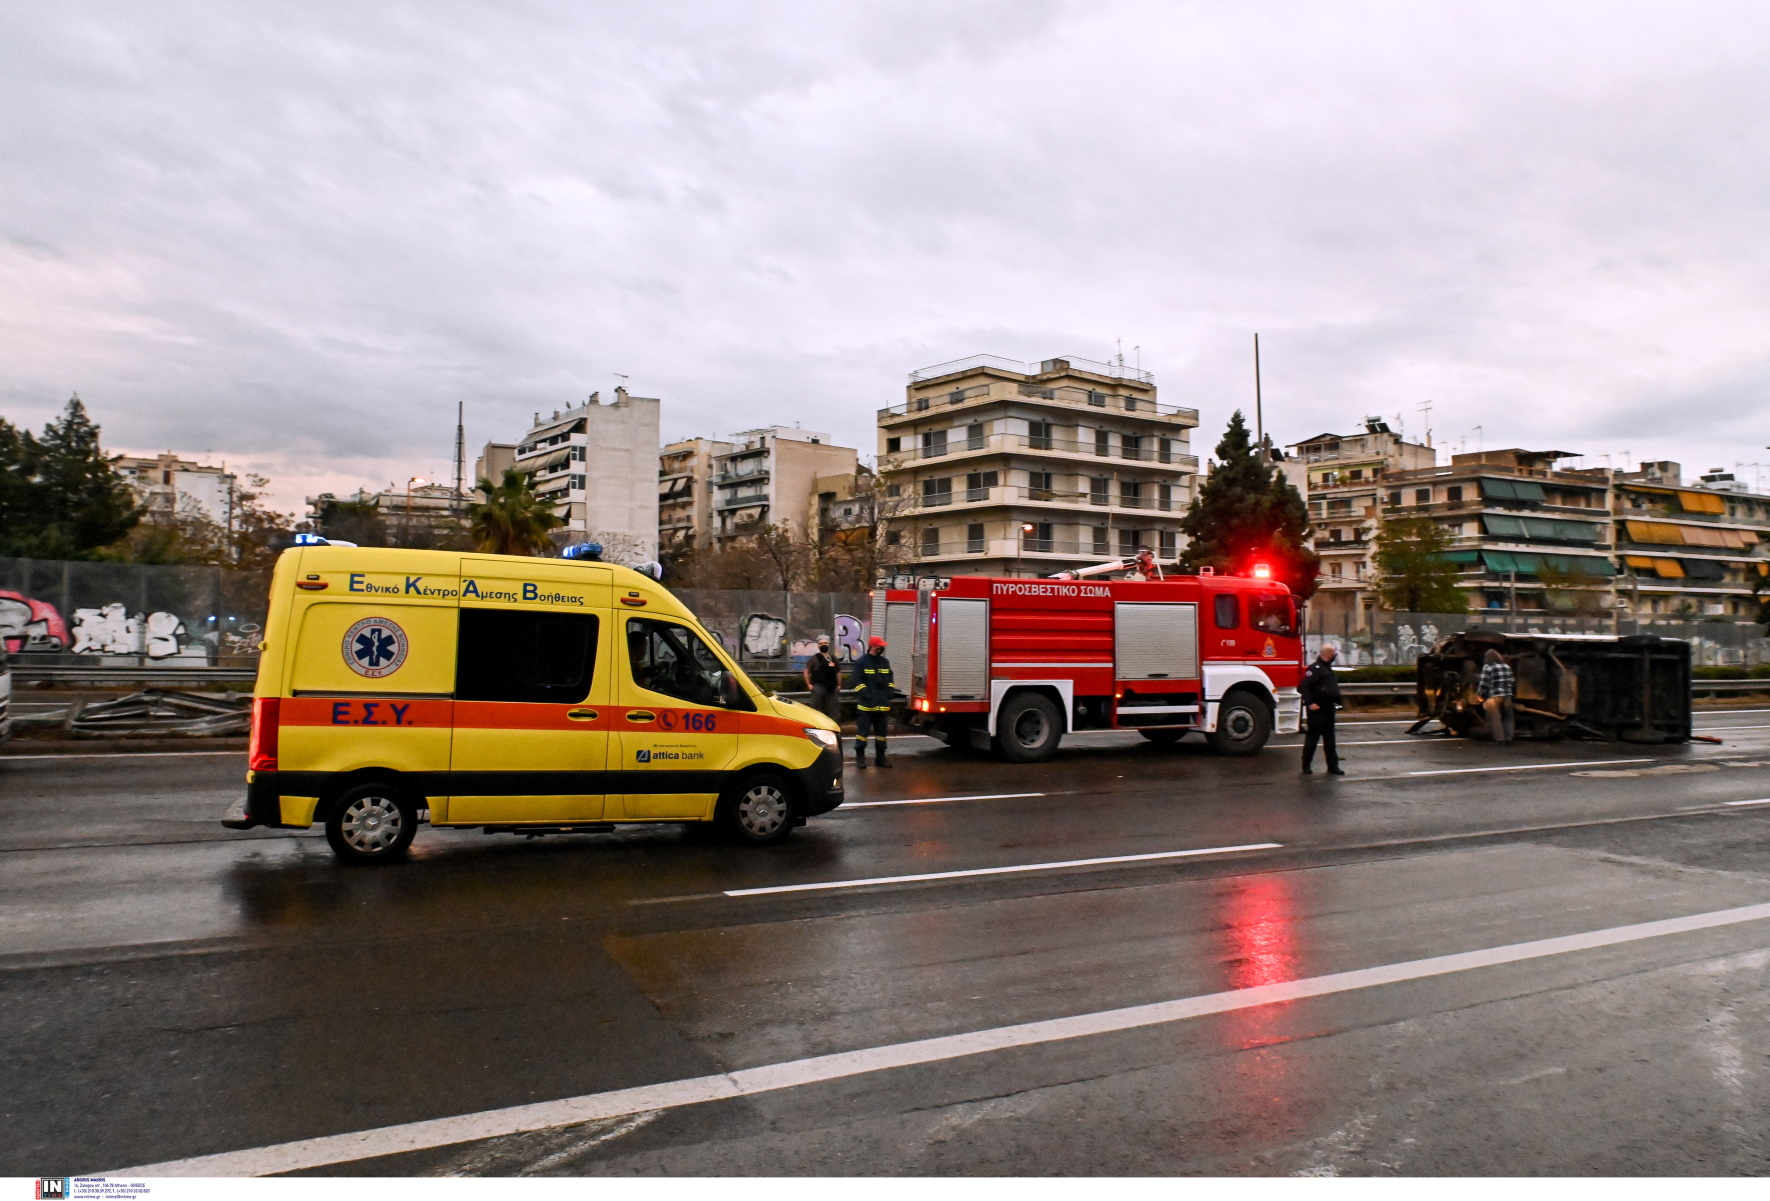 Λάρισα: Σύγκρουση αυτοκινήτου με φορτηγό – Σοβαρά τραυματισμένος  ένας 29χρονος